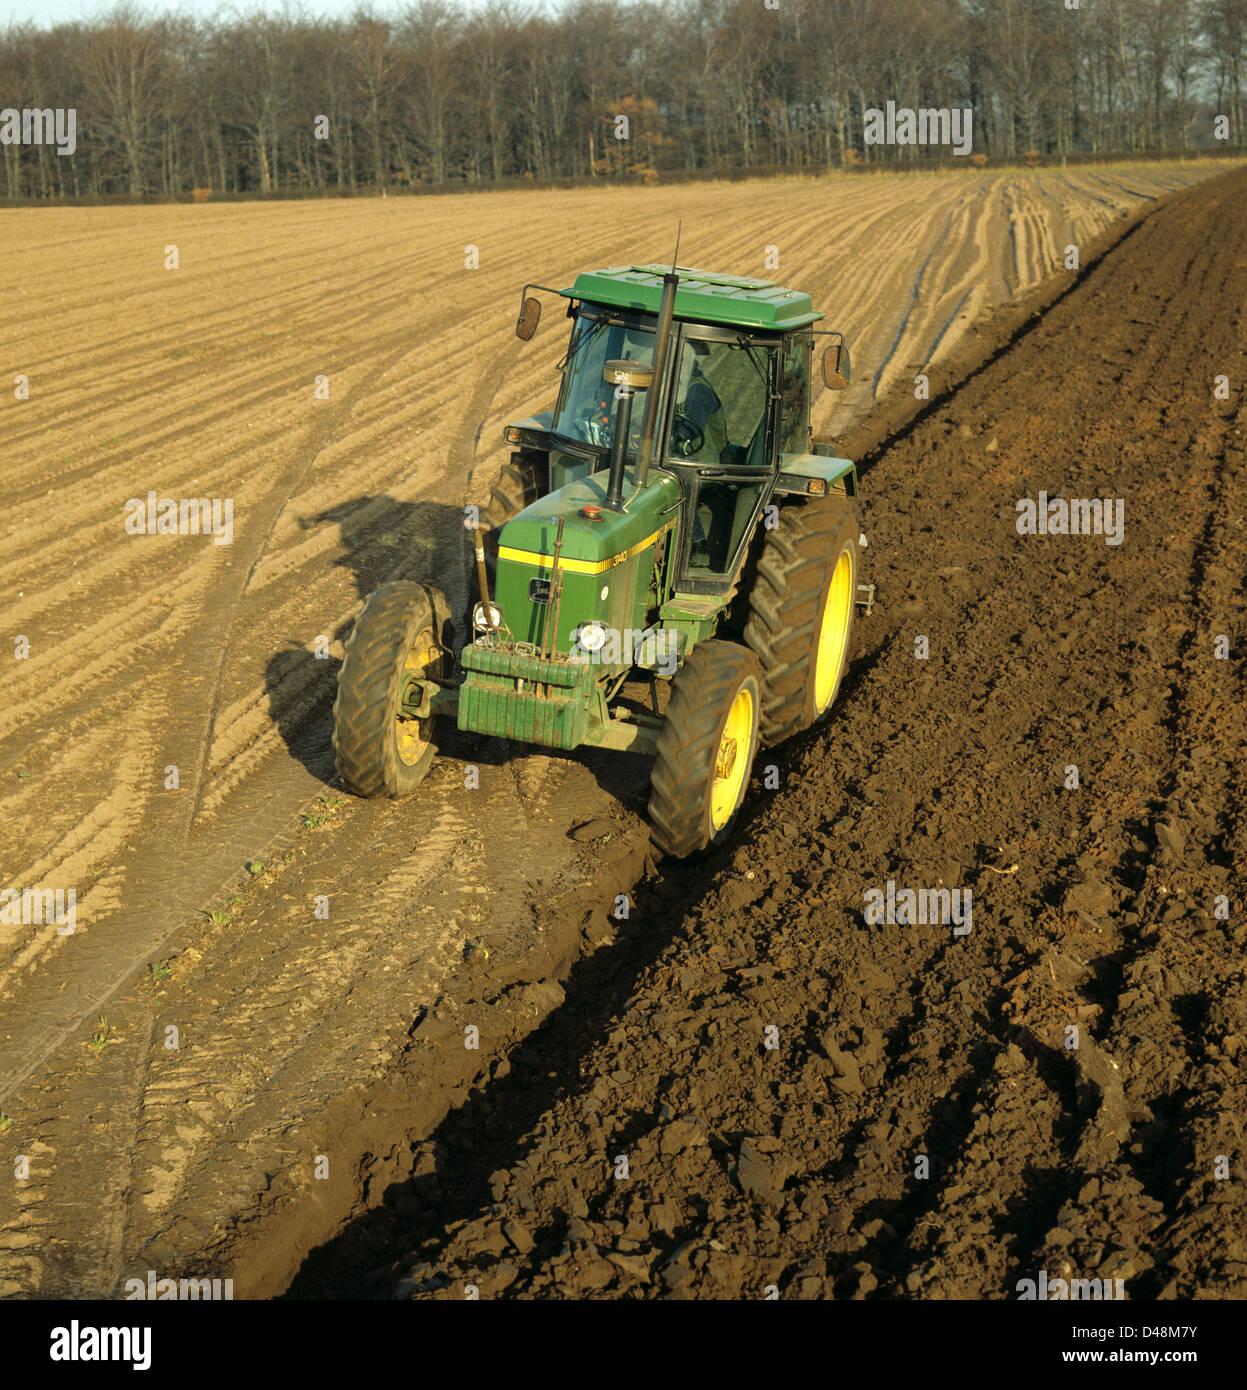 The Oldest John Deere : An old john deere tractor ploughing a field in winter